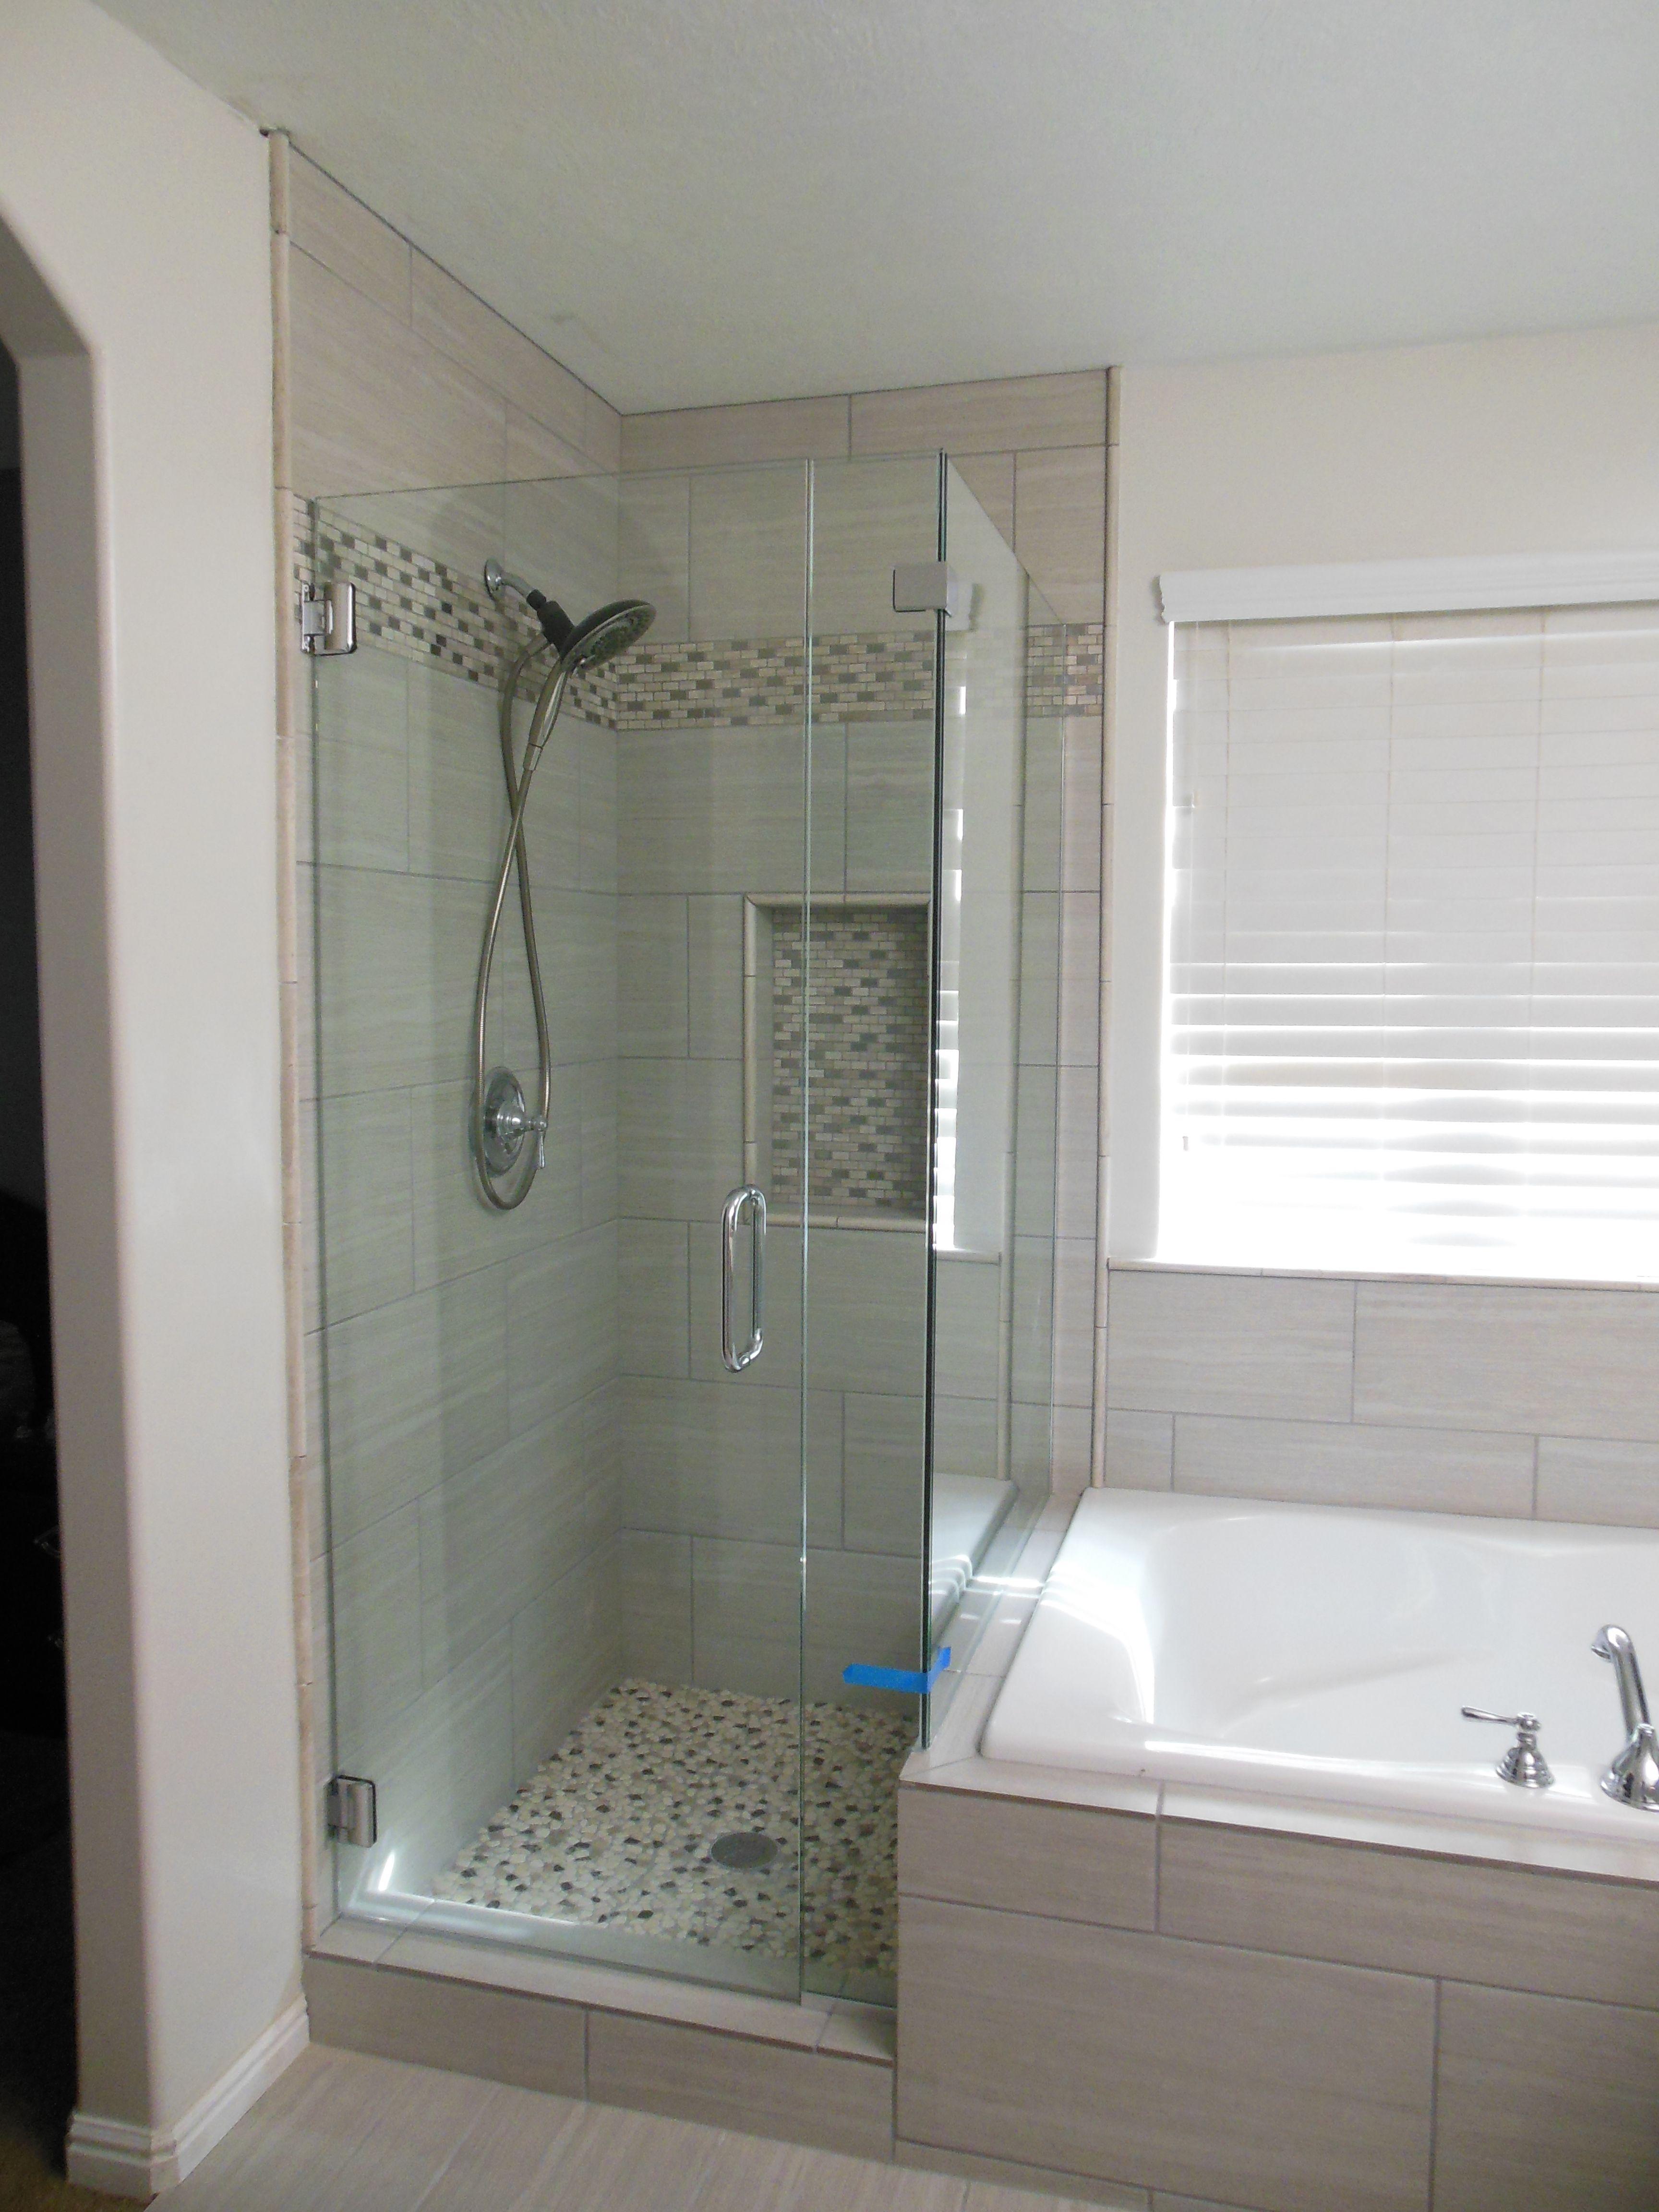 Gray Tile, built in shelf in shower, frameless glass ...